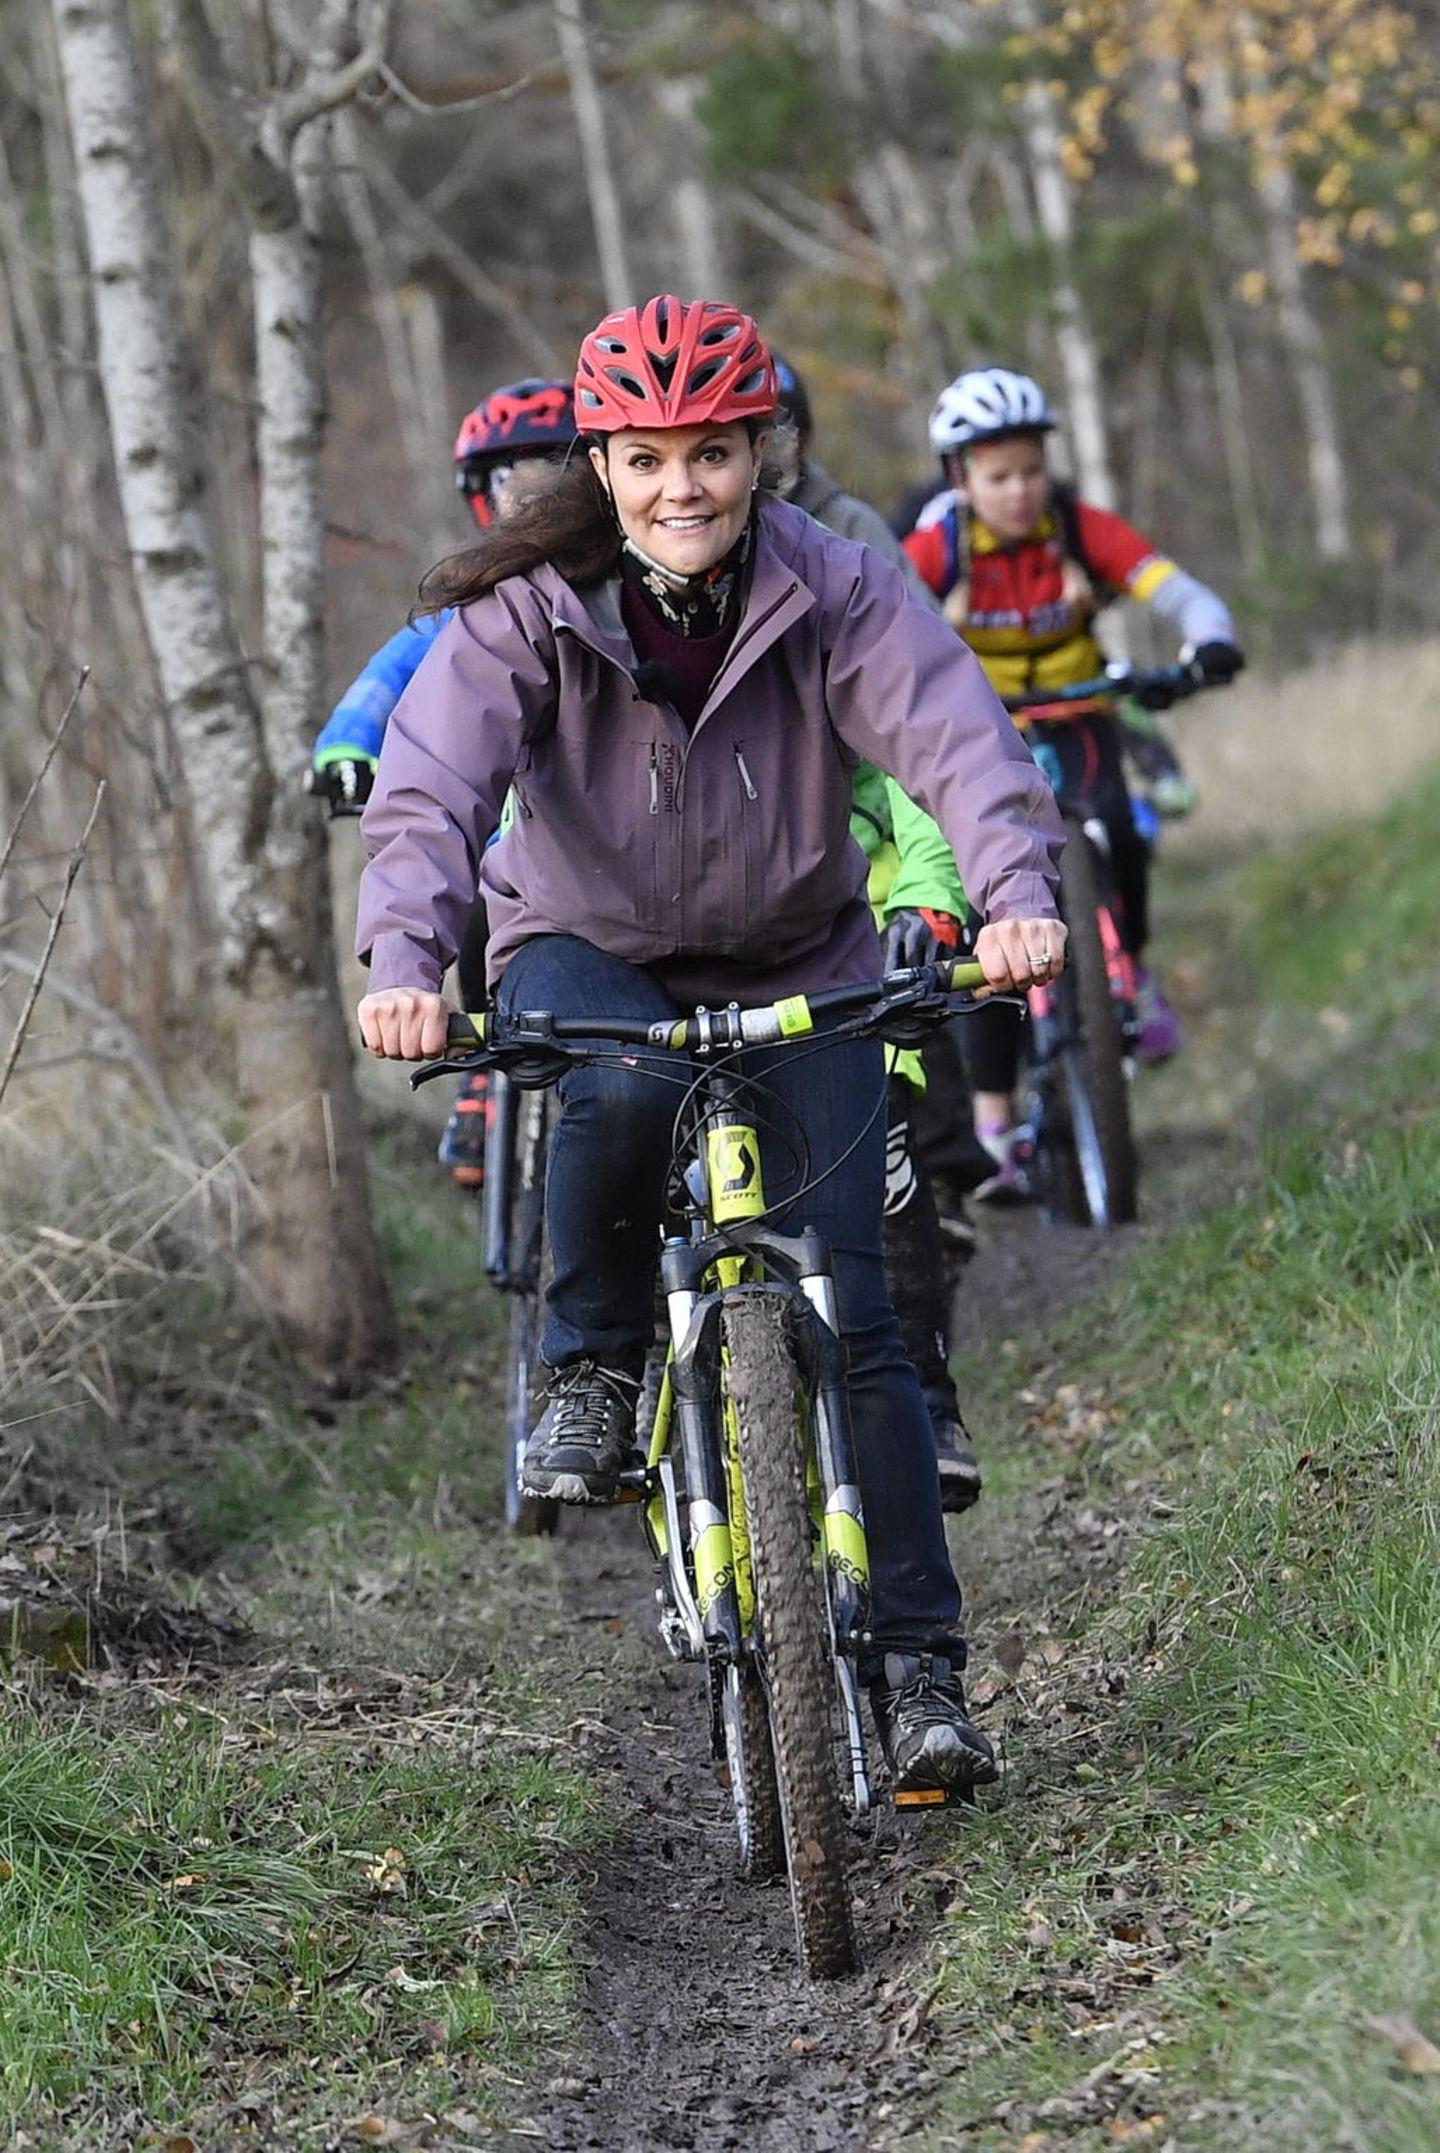 26. Oktober 2017  Kronprinzessin Victoria ist sportlich aktiv in einem Naturreservat in Östergötland, wo verschiedene Vereine Aktivitäten mit ihr teilen.